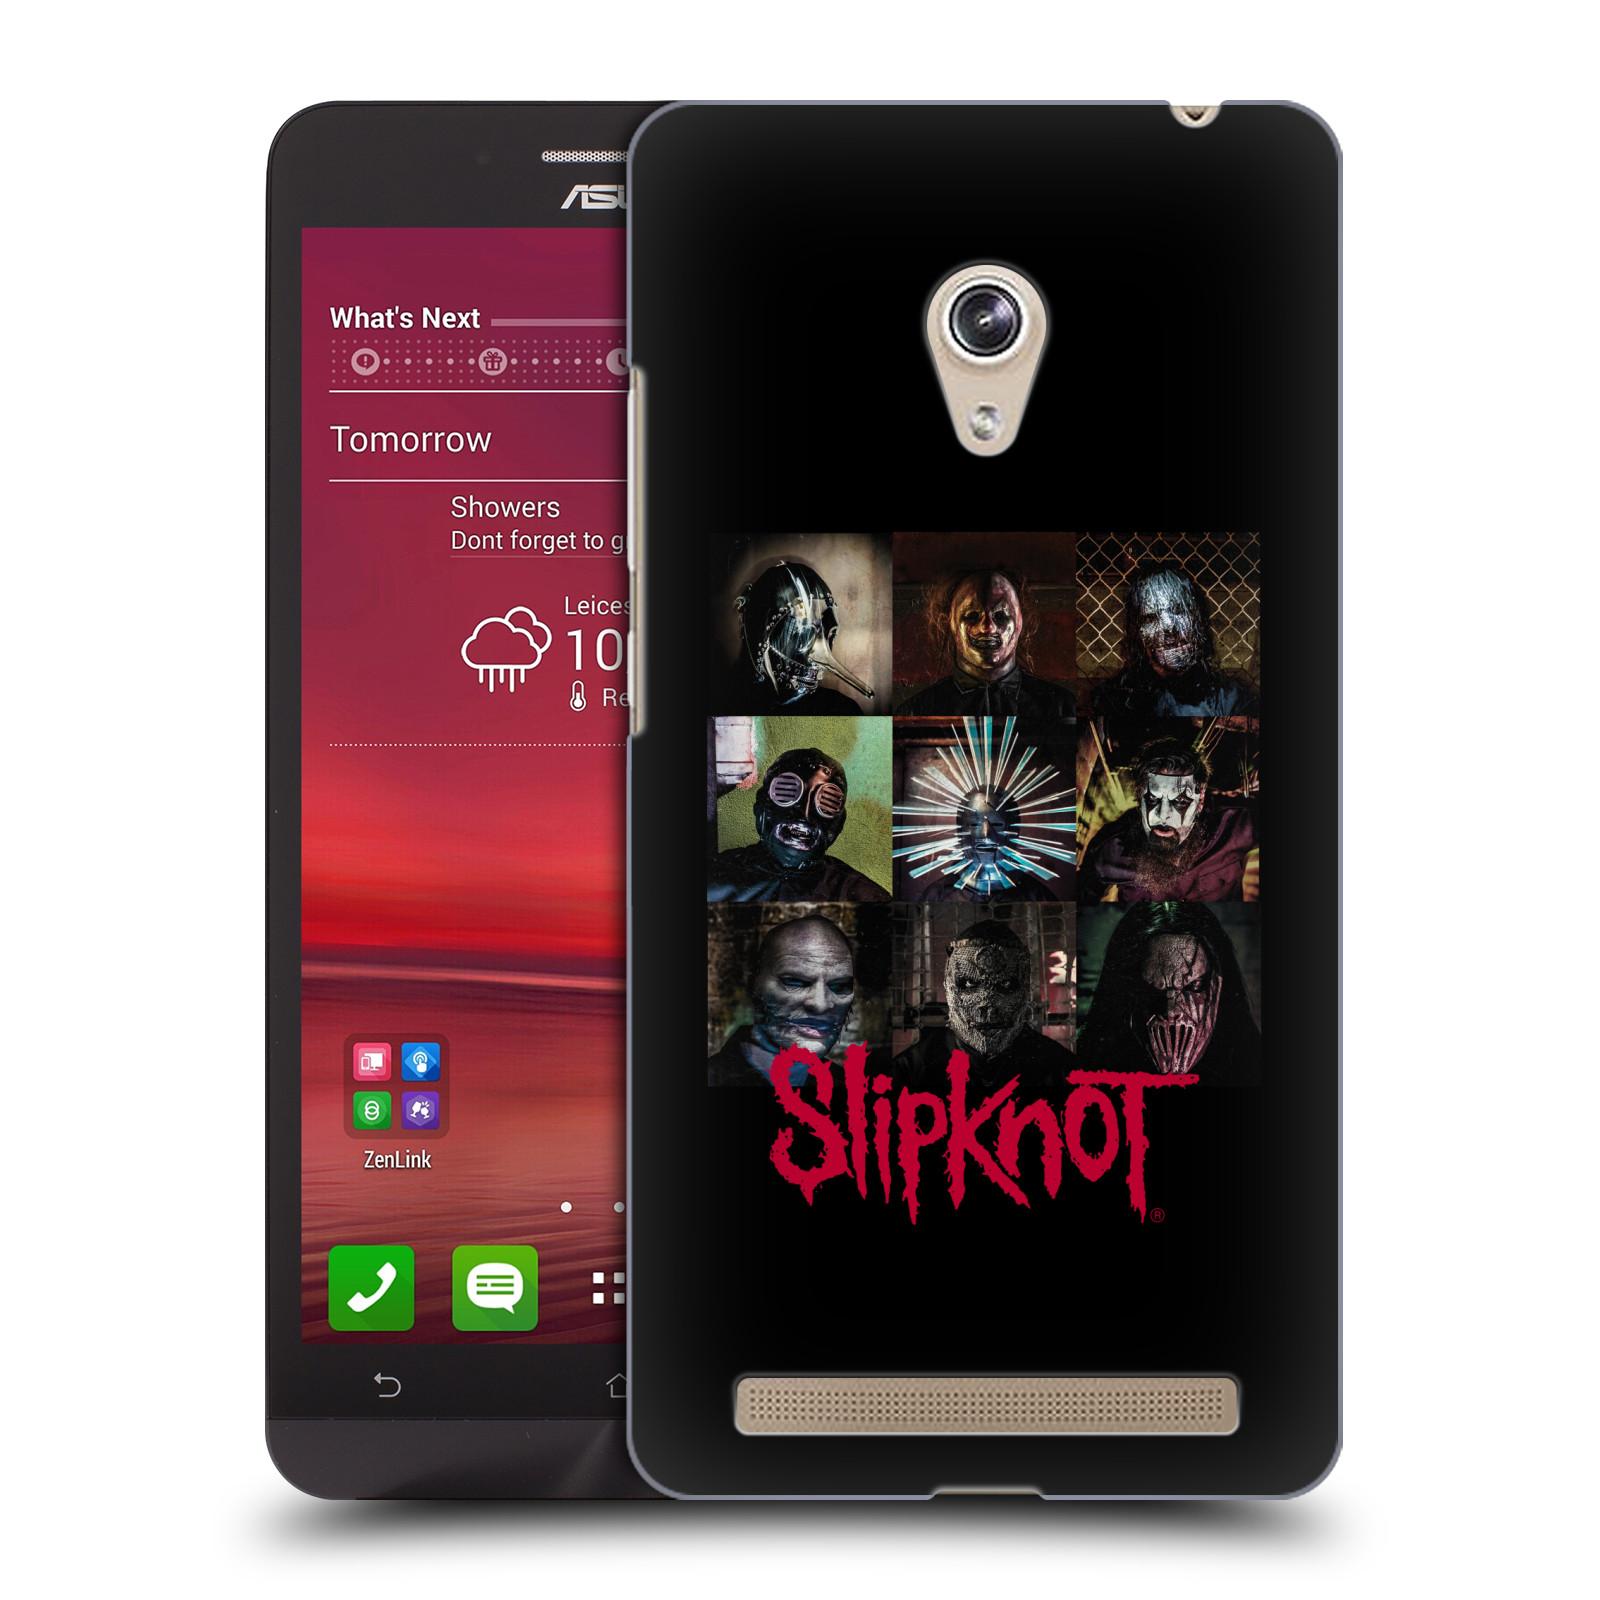 Plastové pouzdro na mobil Asus Zenfone 6 HEAD CASE Slipknot - Bloky (Plastový kryt či obal na mobilní telefon licencovaným motivem Slipknot pro Asus Zenfone 6 A600CG / A601CG)